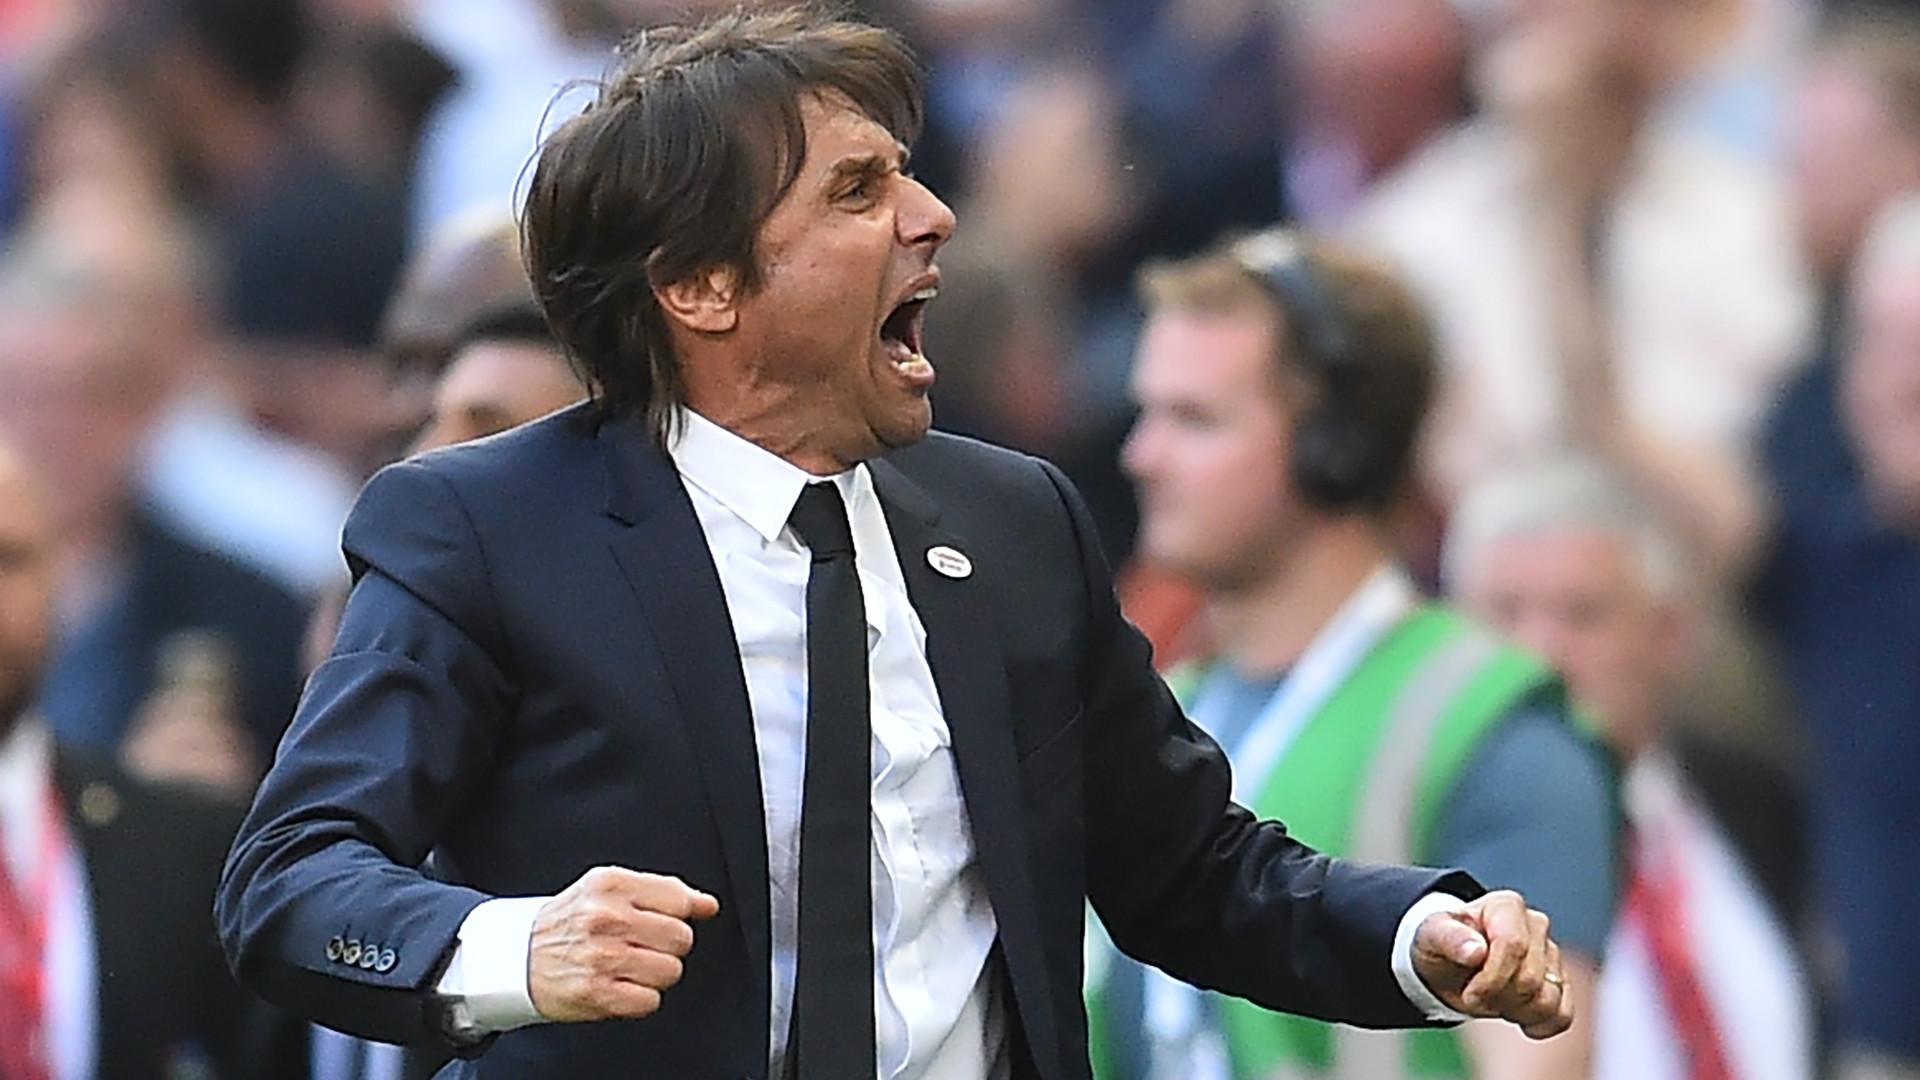 Calciomercato Roma: offerto un triennale da 9,5 milioni l'anno a Conte